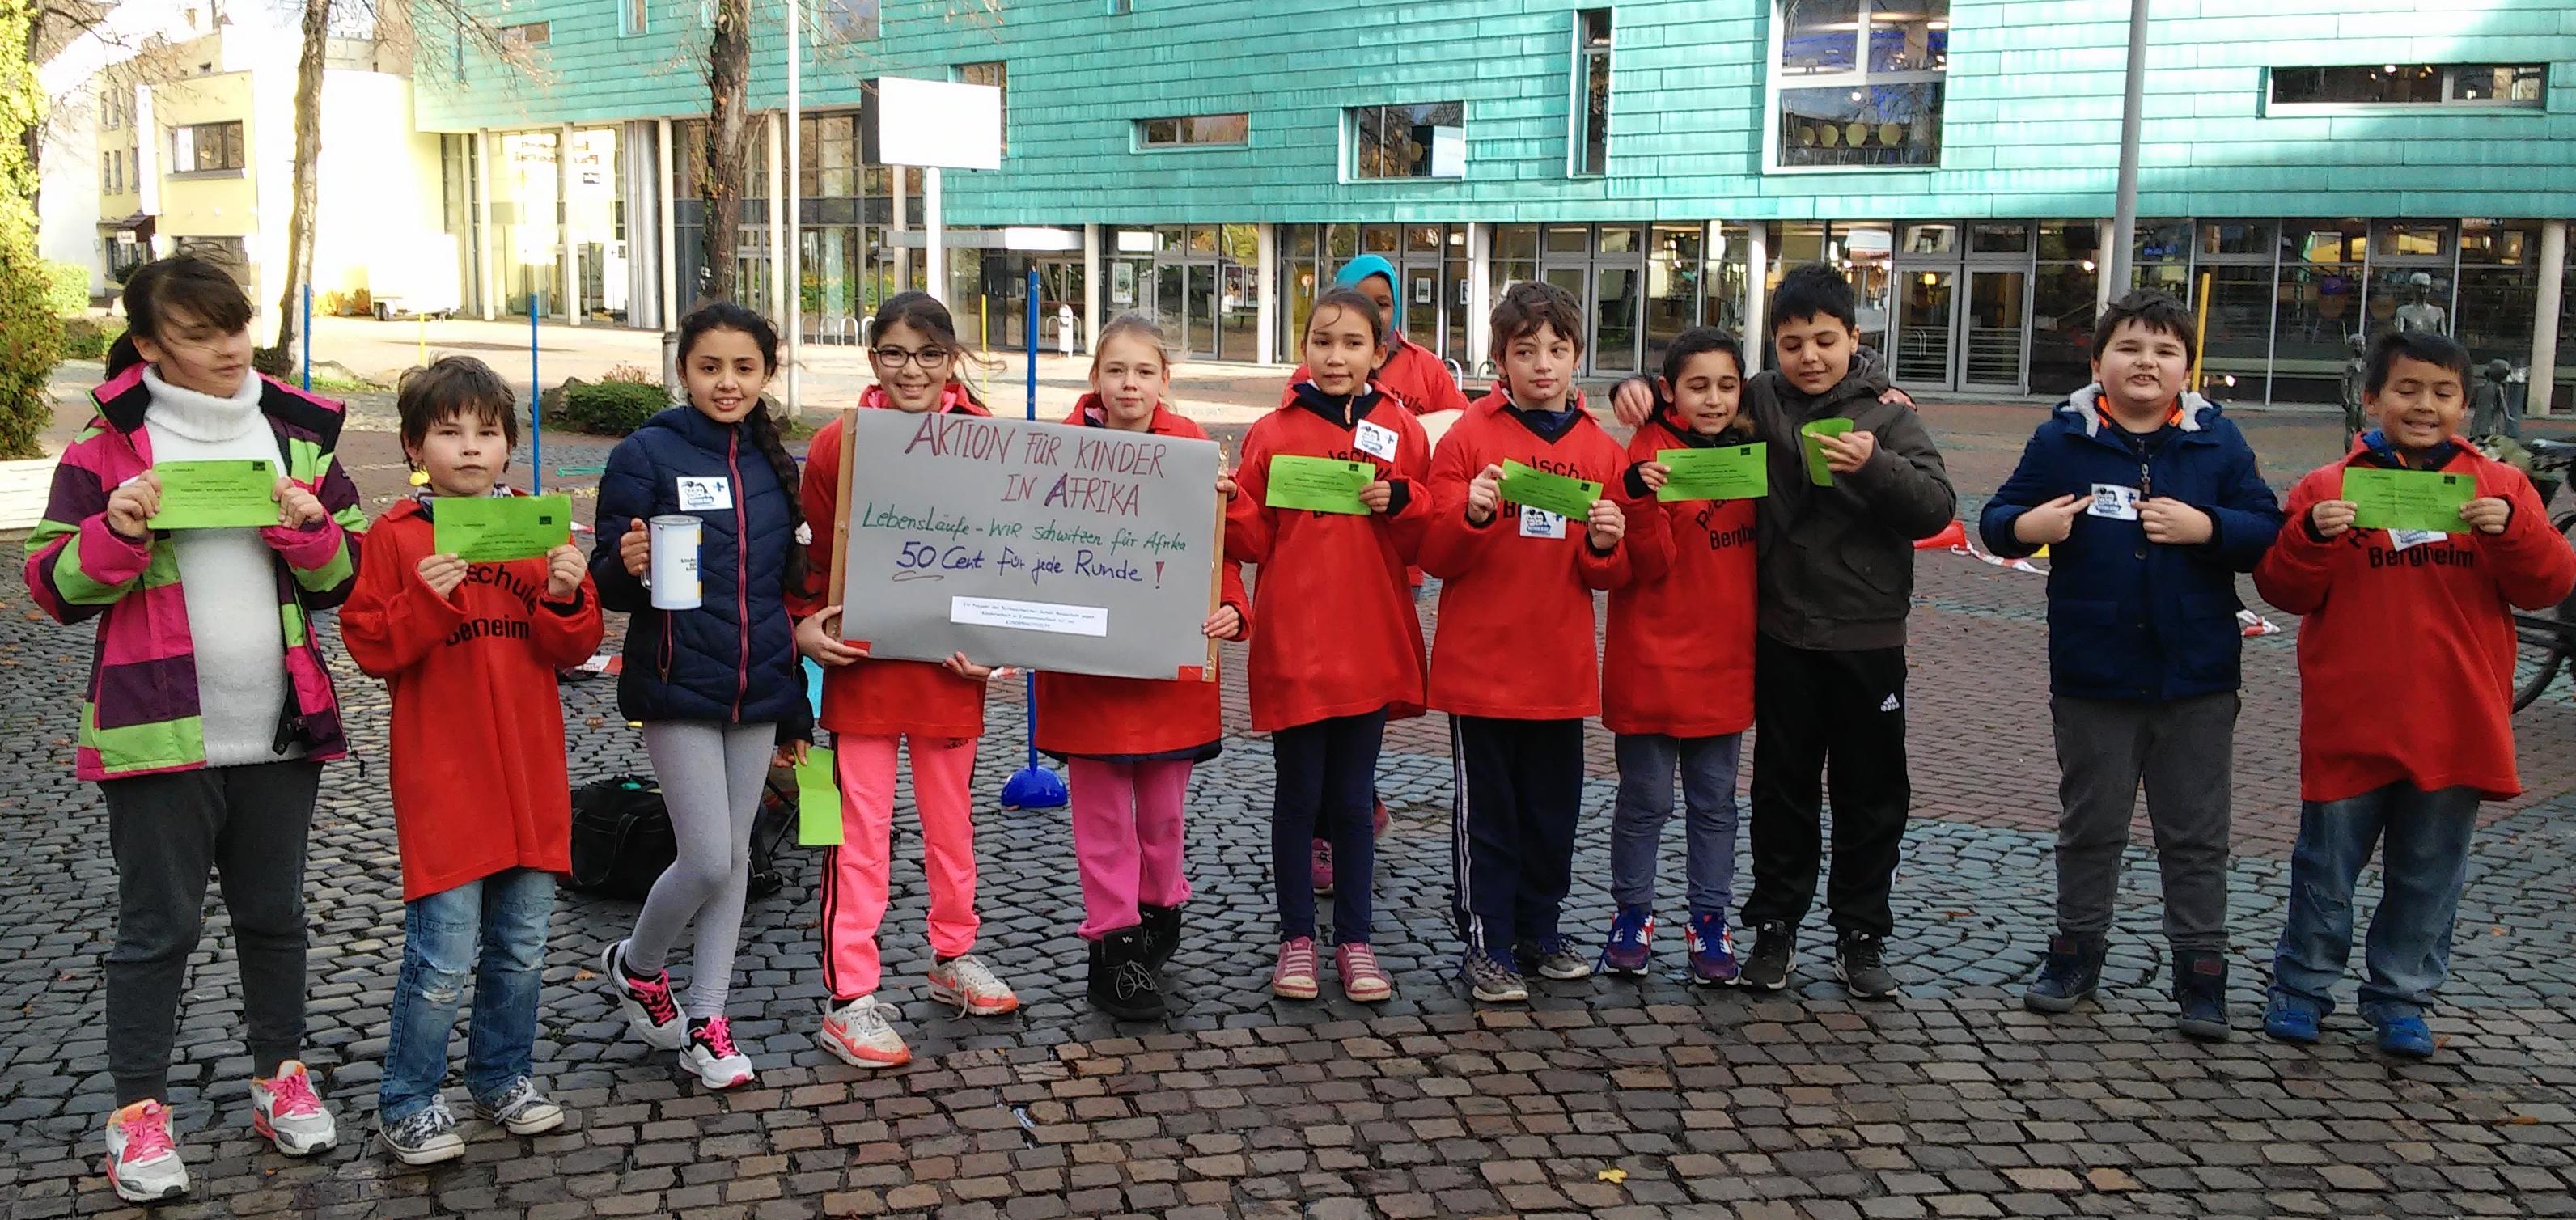 Action!Kidz der Klassen 5a, b, c der Geschwister-Scholl-Realschule Bergheim. (Quelle: privat)